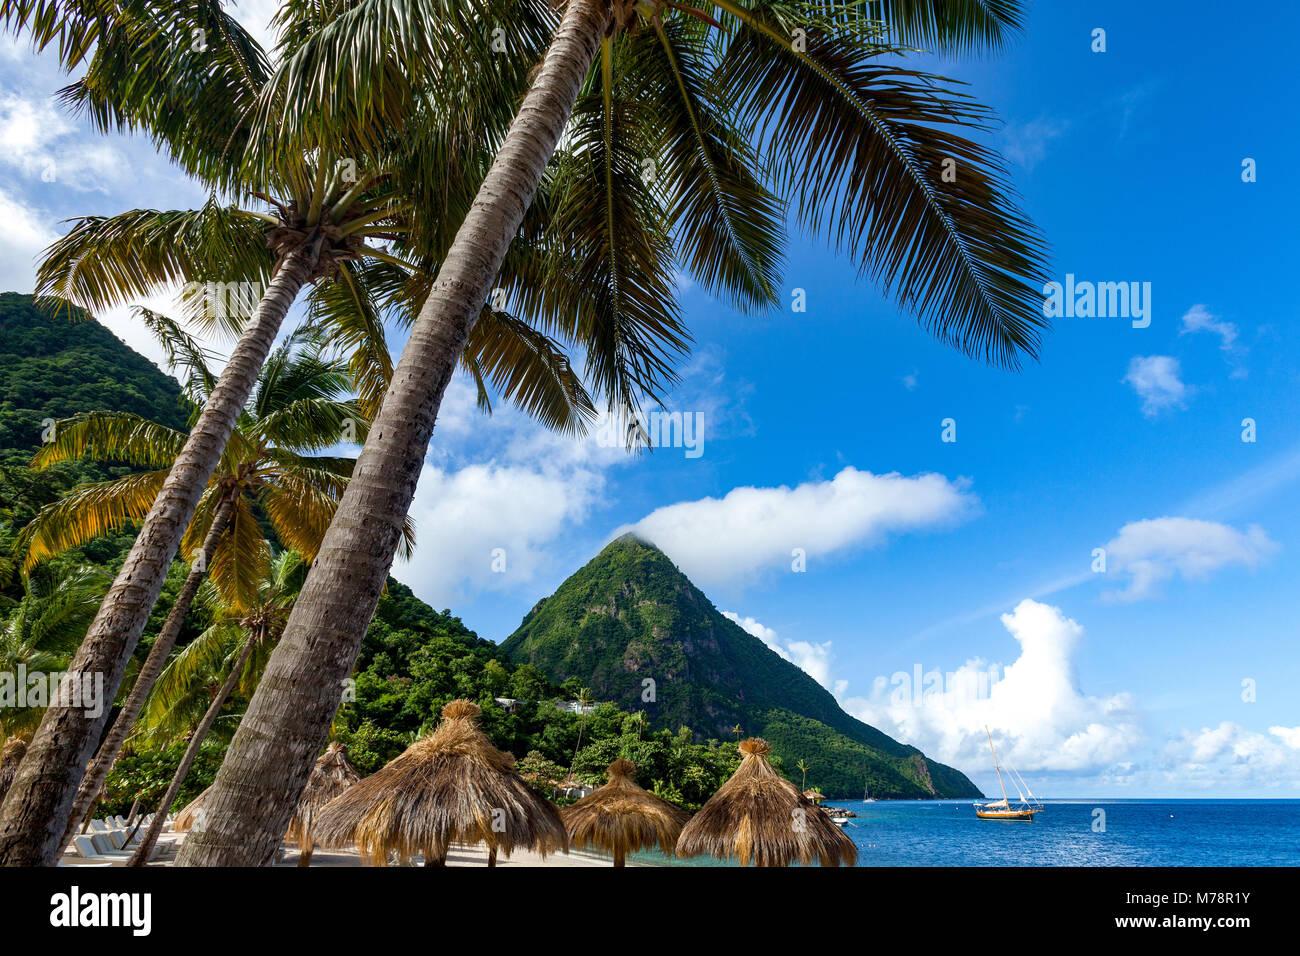 Gros Piton, mit Palmen und strohgedeckten Sonnenschirmen, Sugar Beach, St. Lucia, Windward Islands, West Indies Stockbild